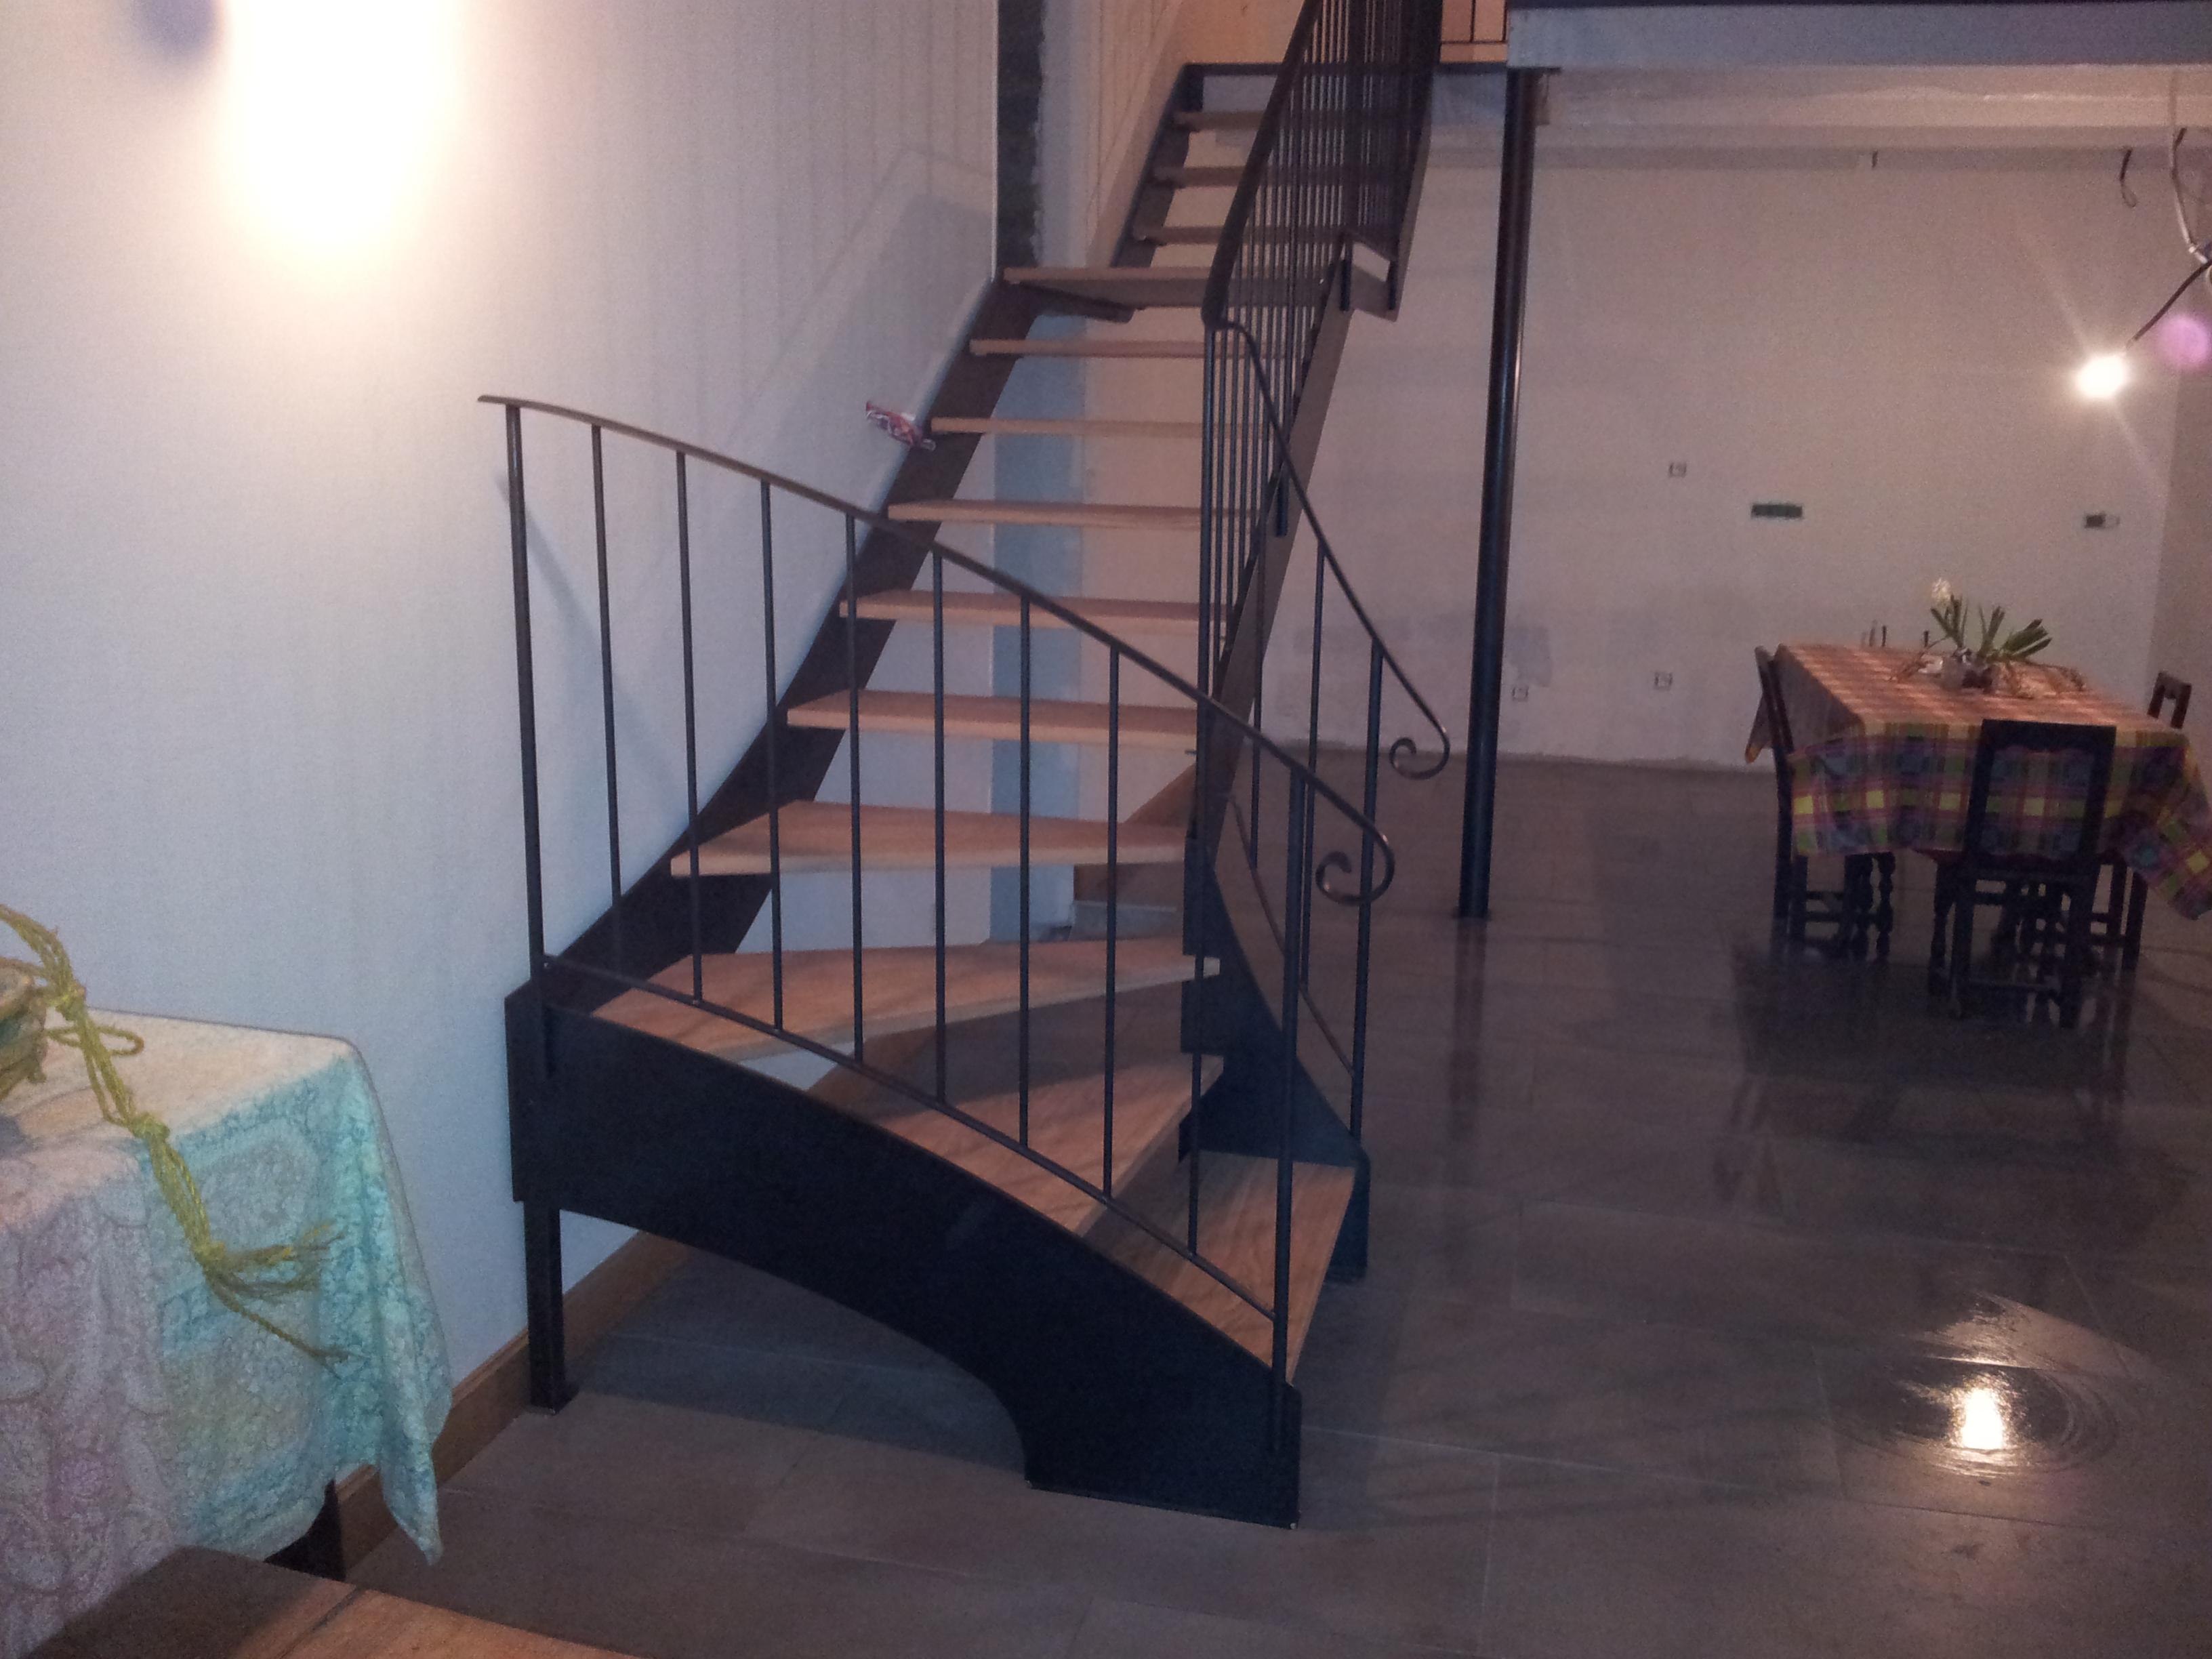 Escalier Bois Metal Noir escaliers - entreprise rageau - menuiserie métallerie